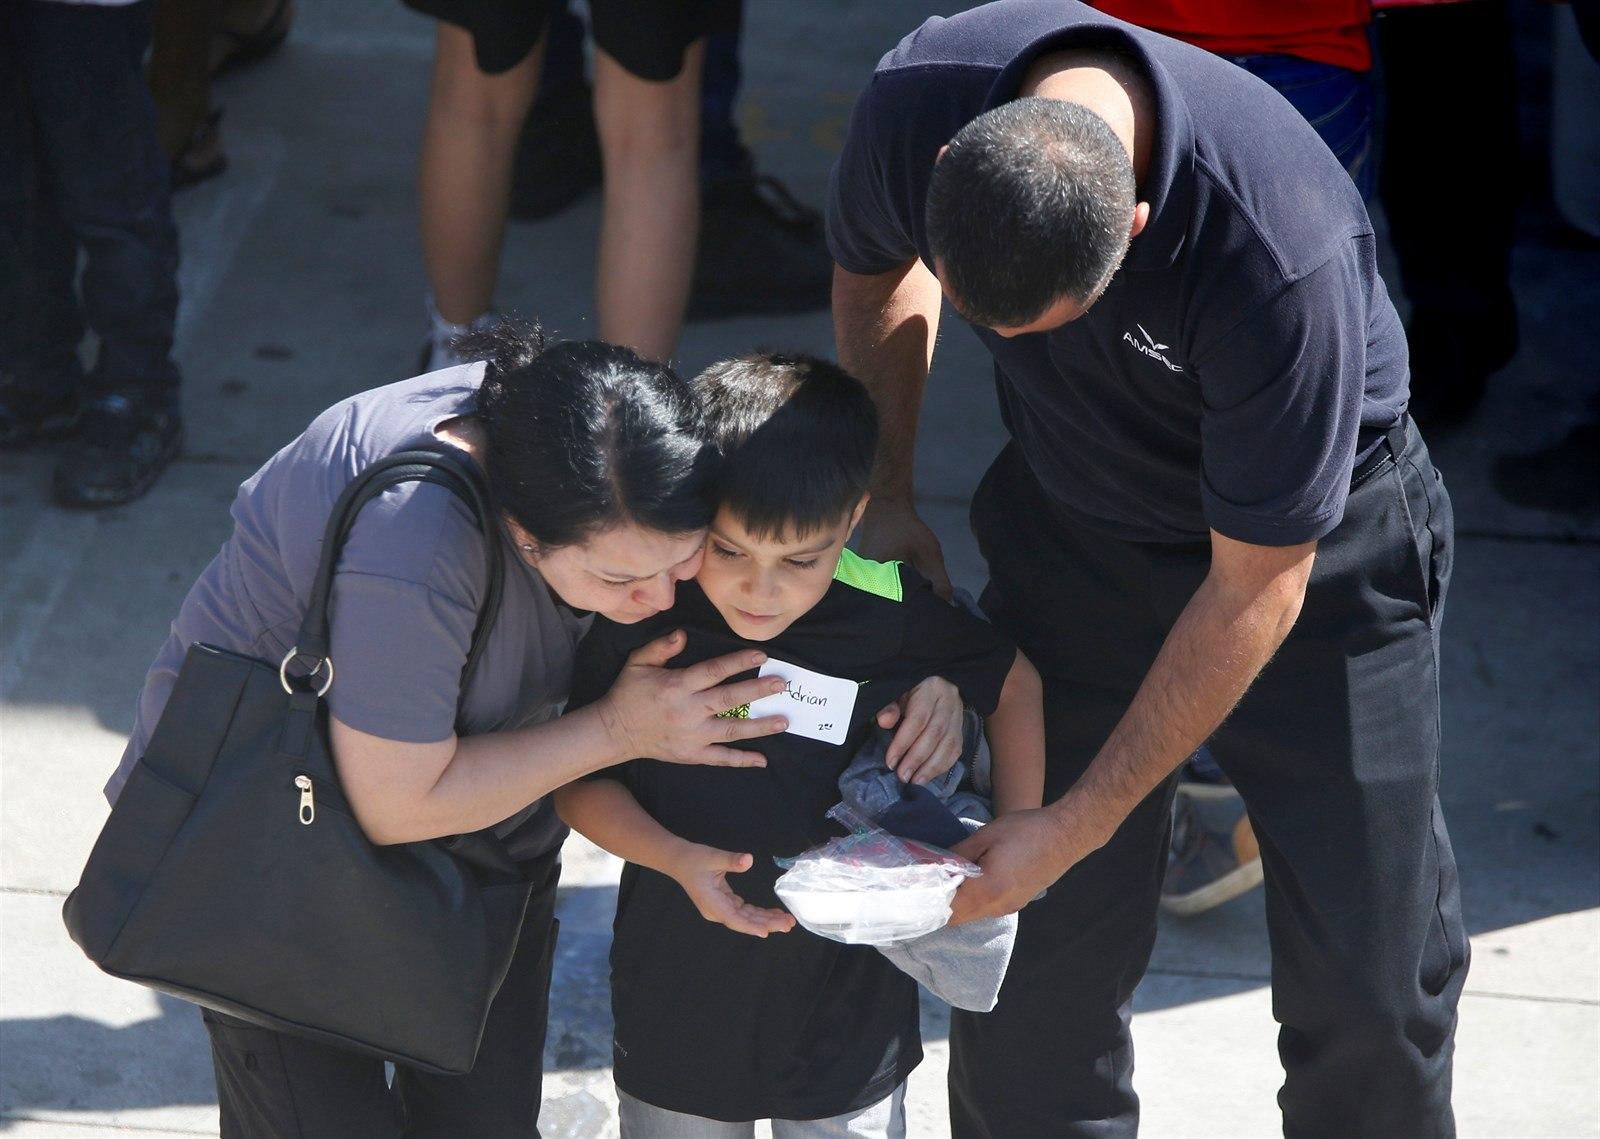 Setkání dětí s rodiči bylo velmi emotivní. Autor: Reuters